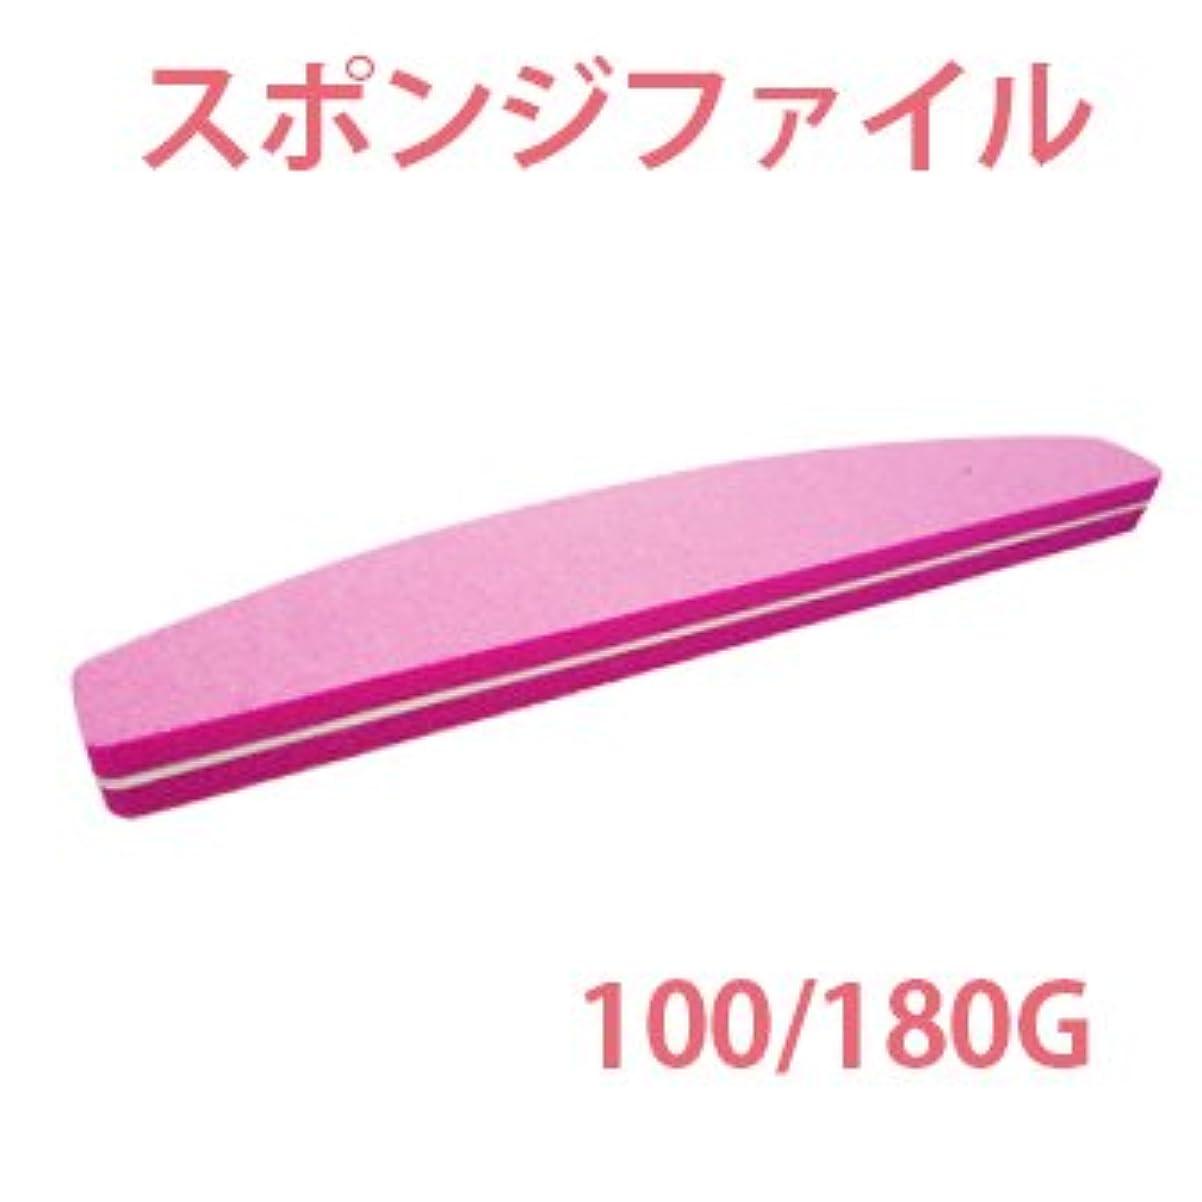 靴下ストラップ降臨スポンジファイル バッファー 100/180G ピンク